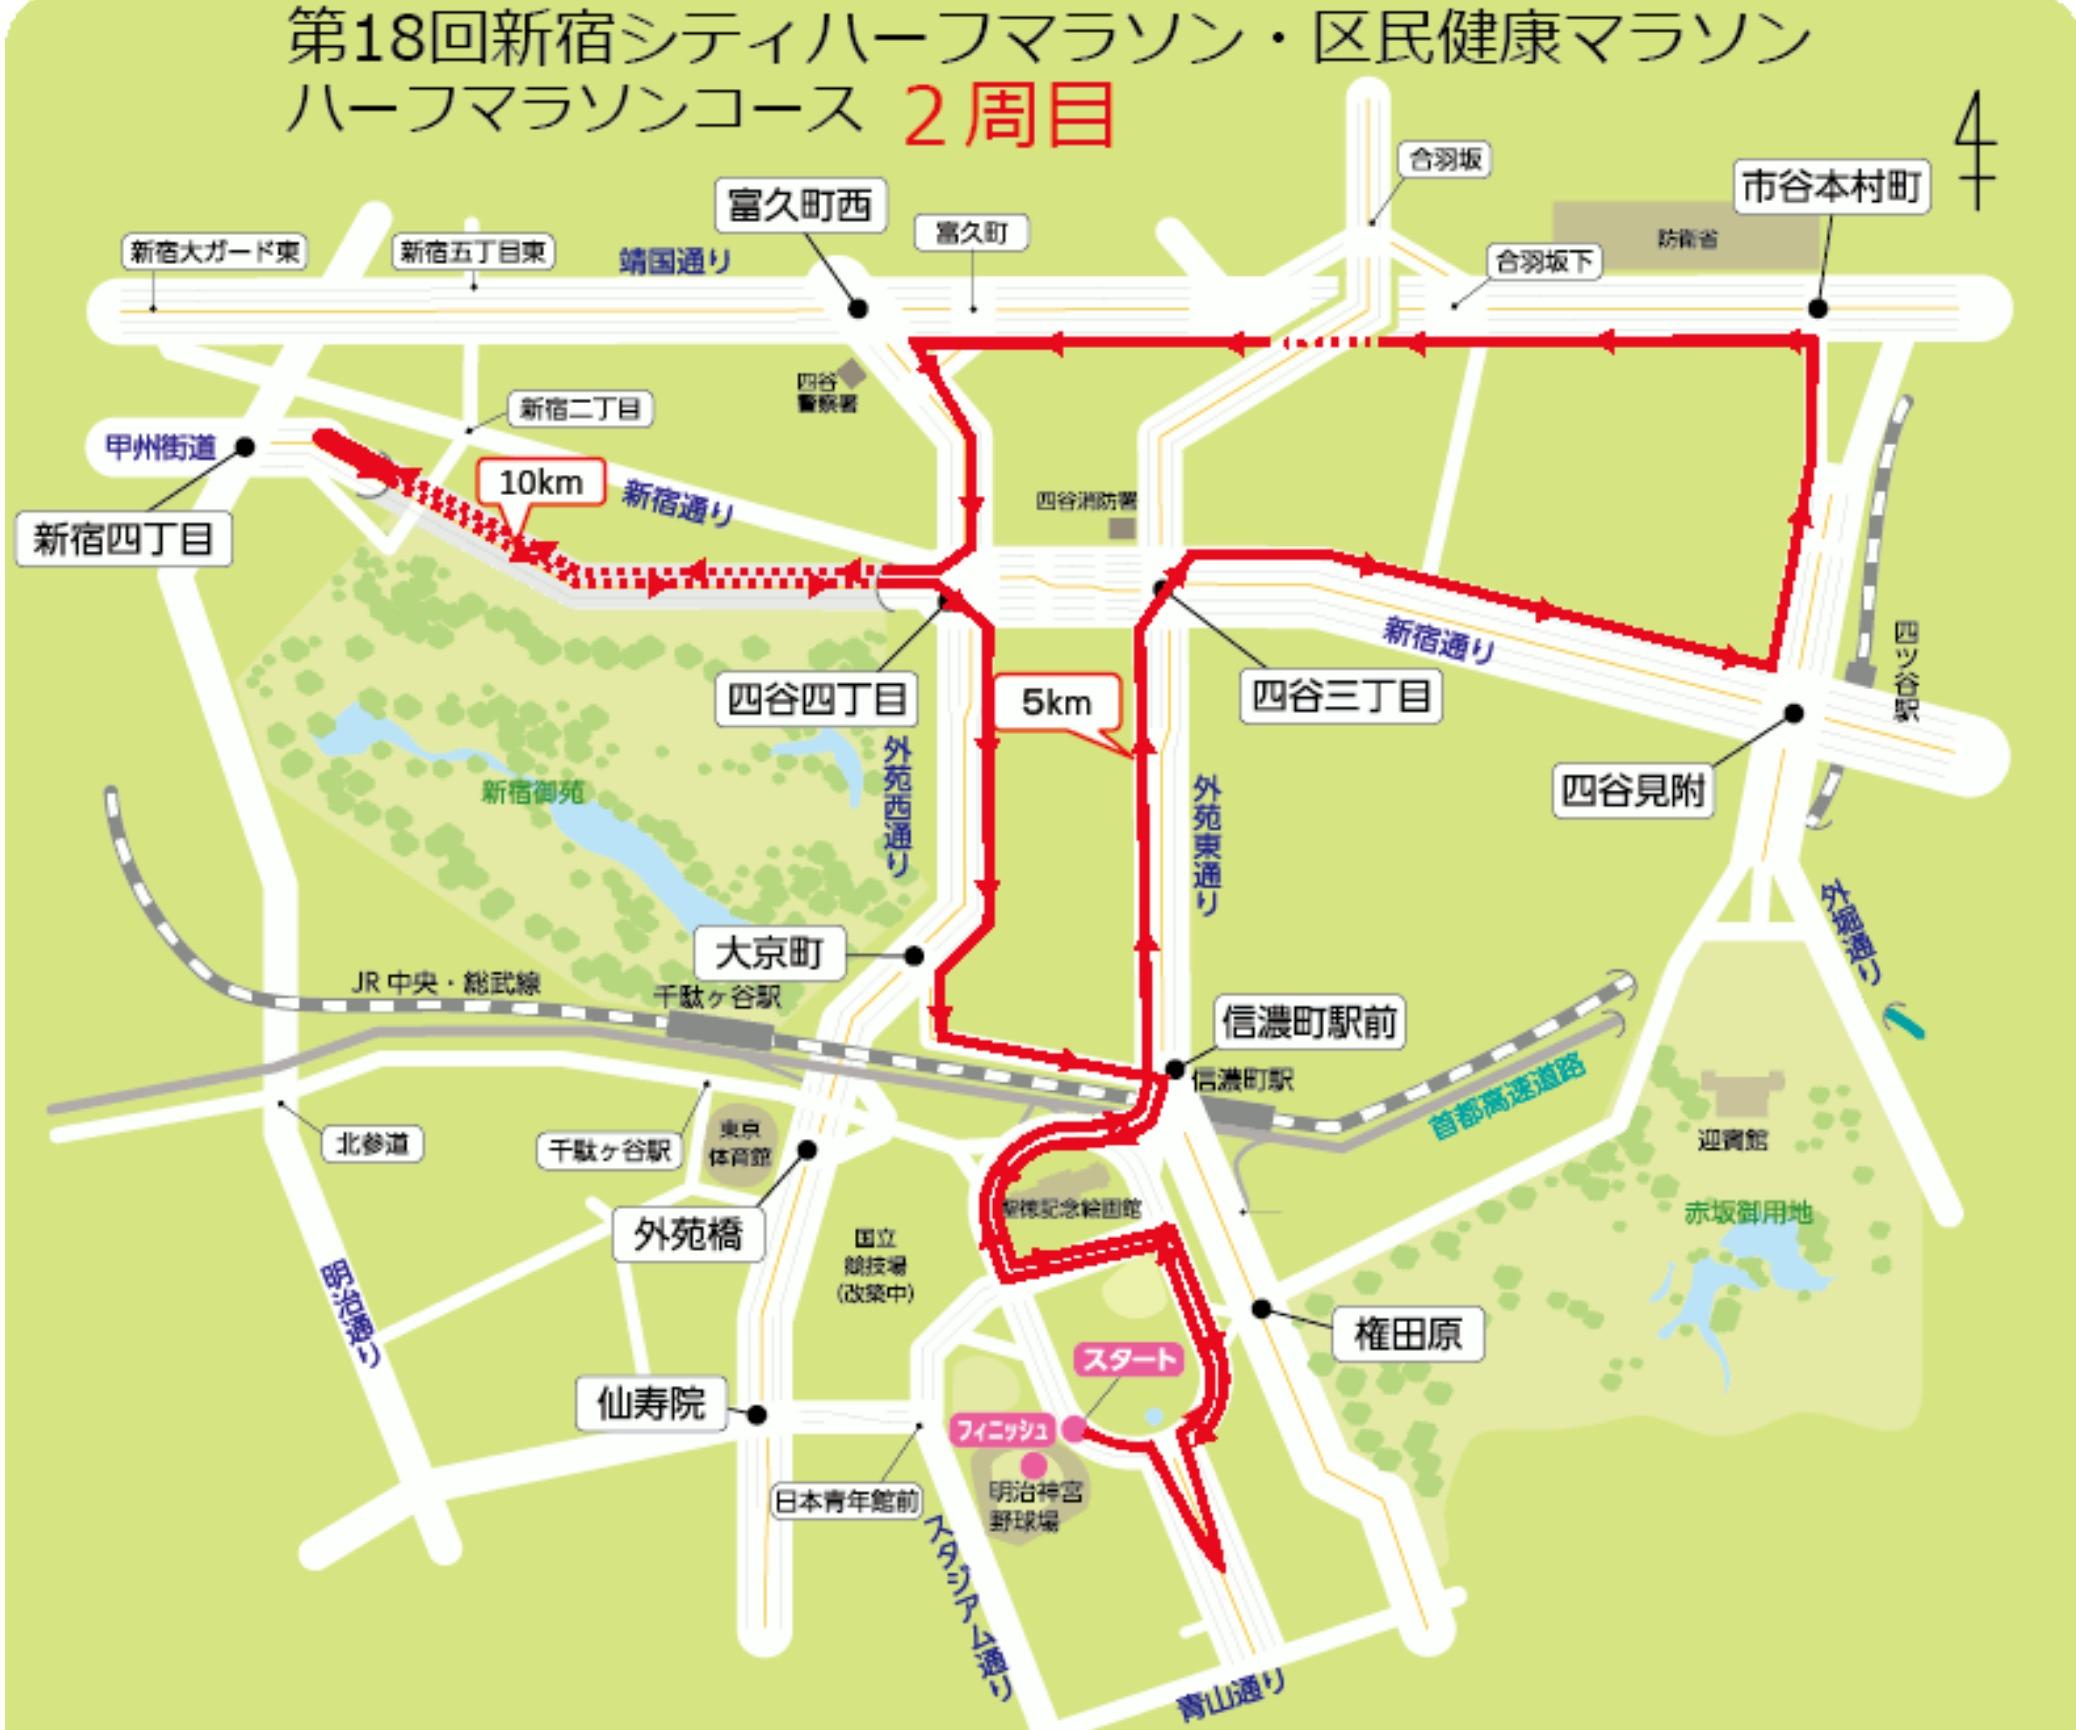 新宿シティハーフマラソンコースマップ